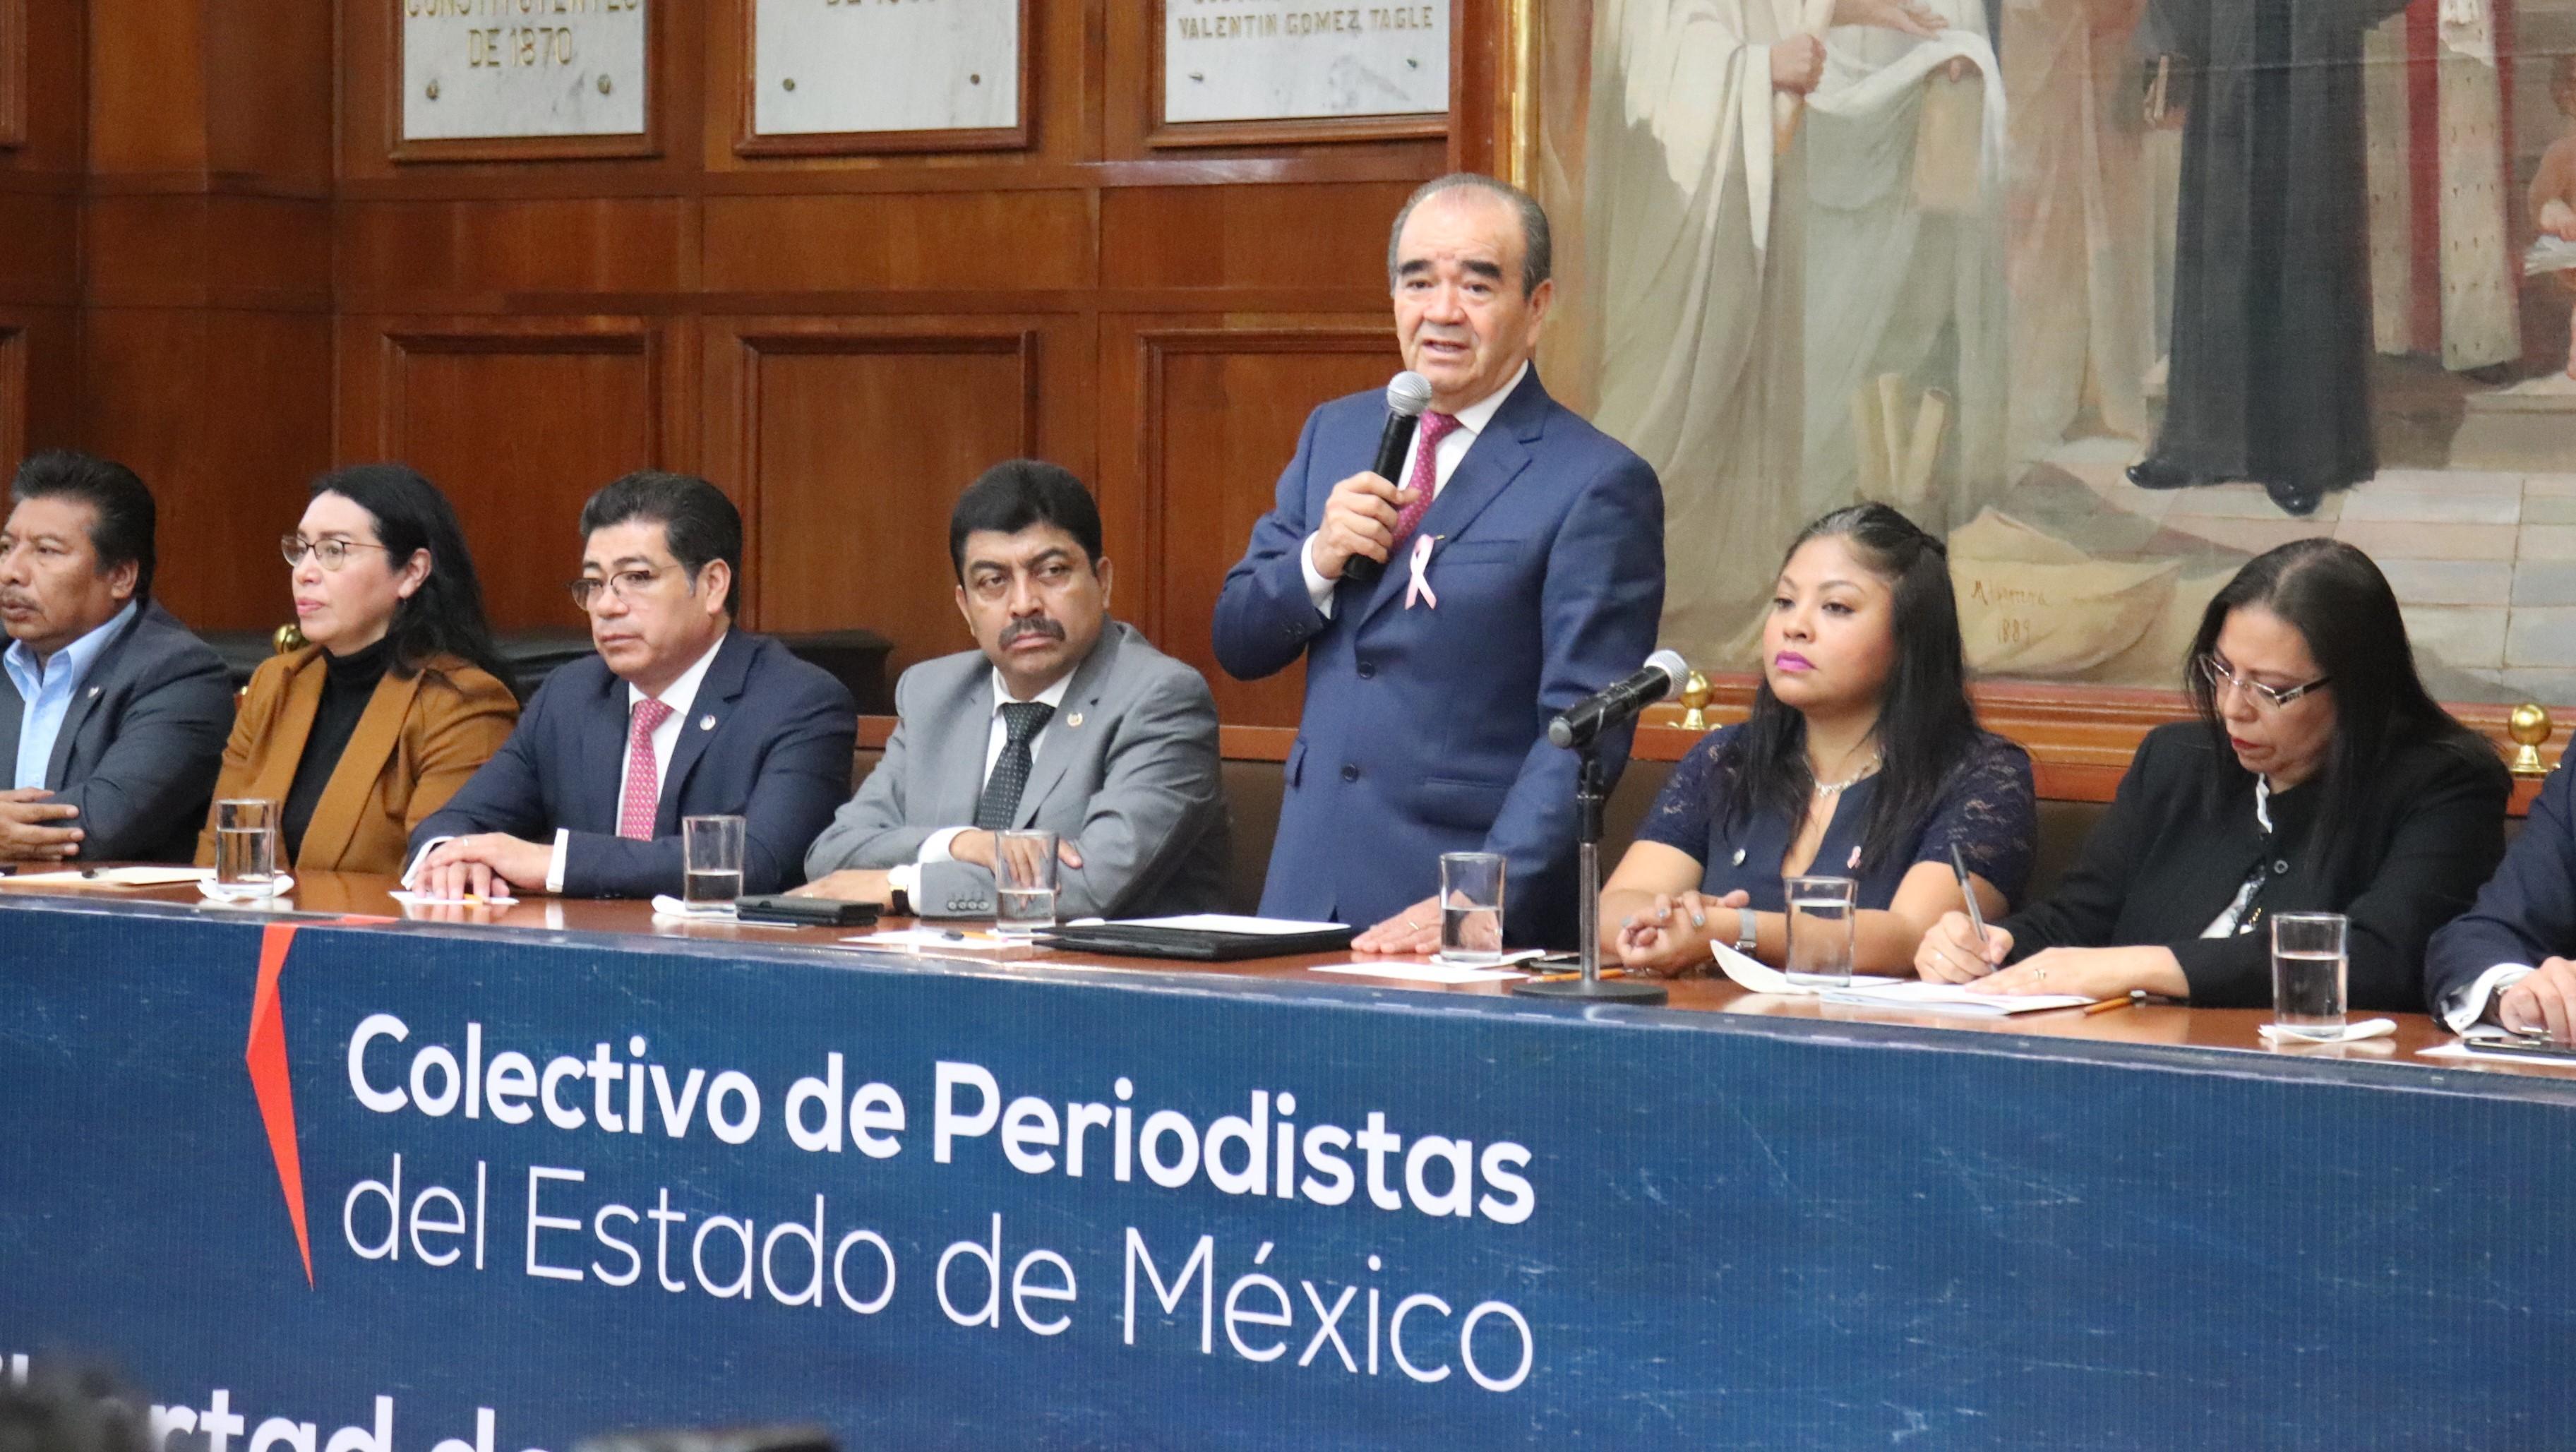 Carta ante el incumplimiento de Morena en el Congreso